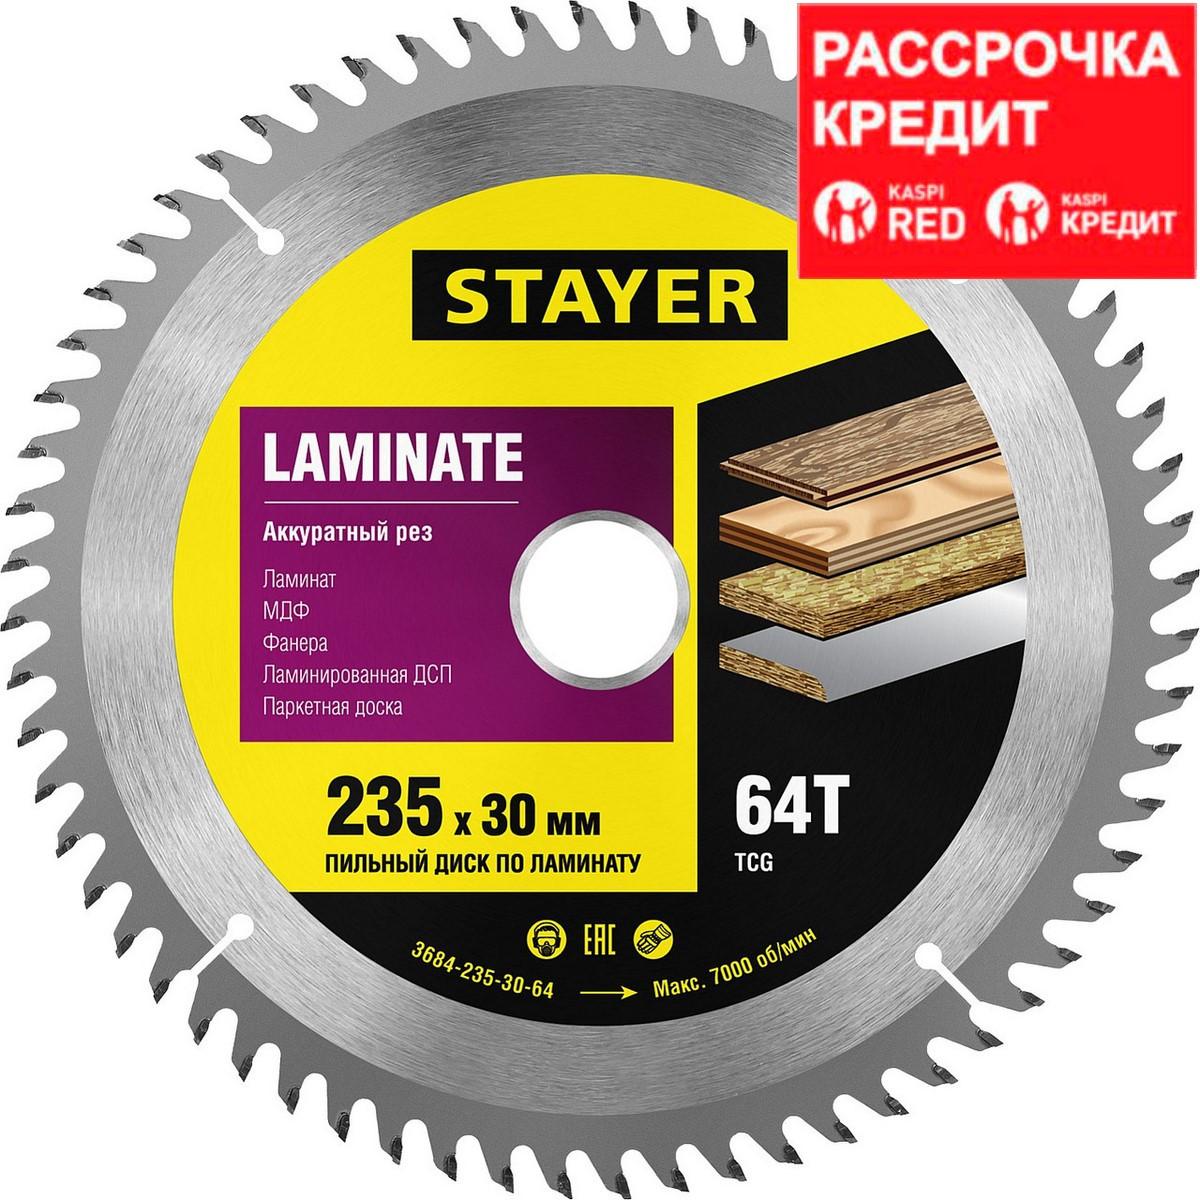 STAYER Laminate 235 x 30мм 64Т, диск пильный по ламинату, аккуратный рез (3684-235-30-64)